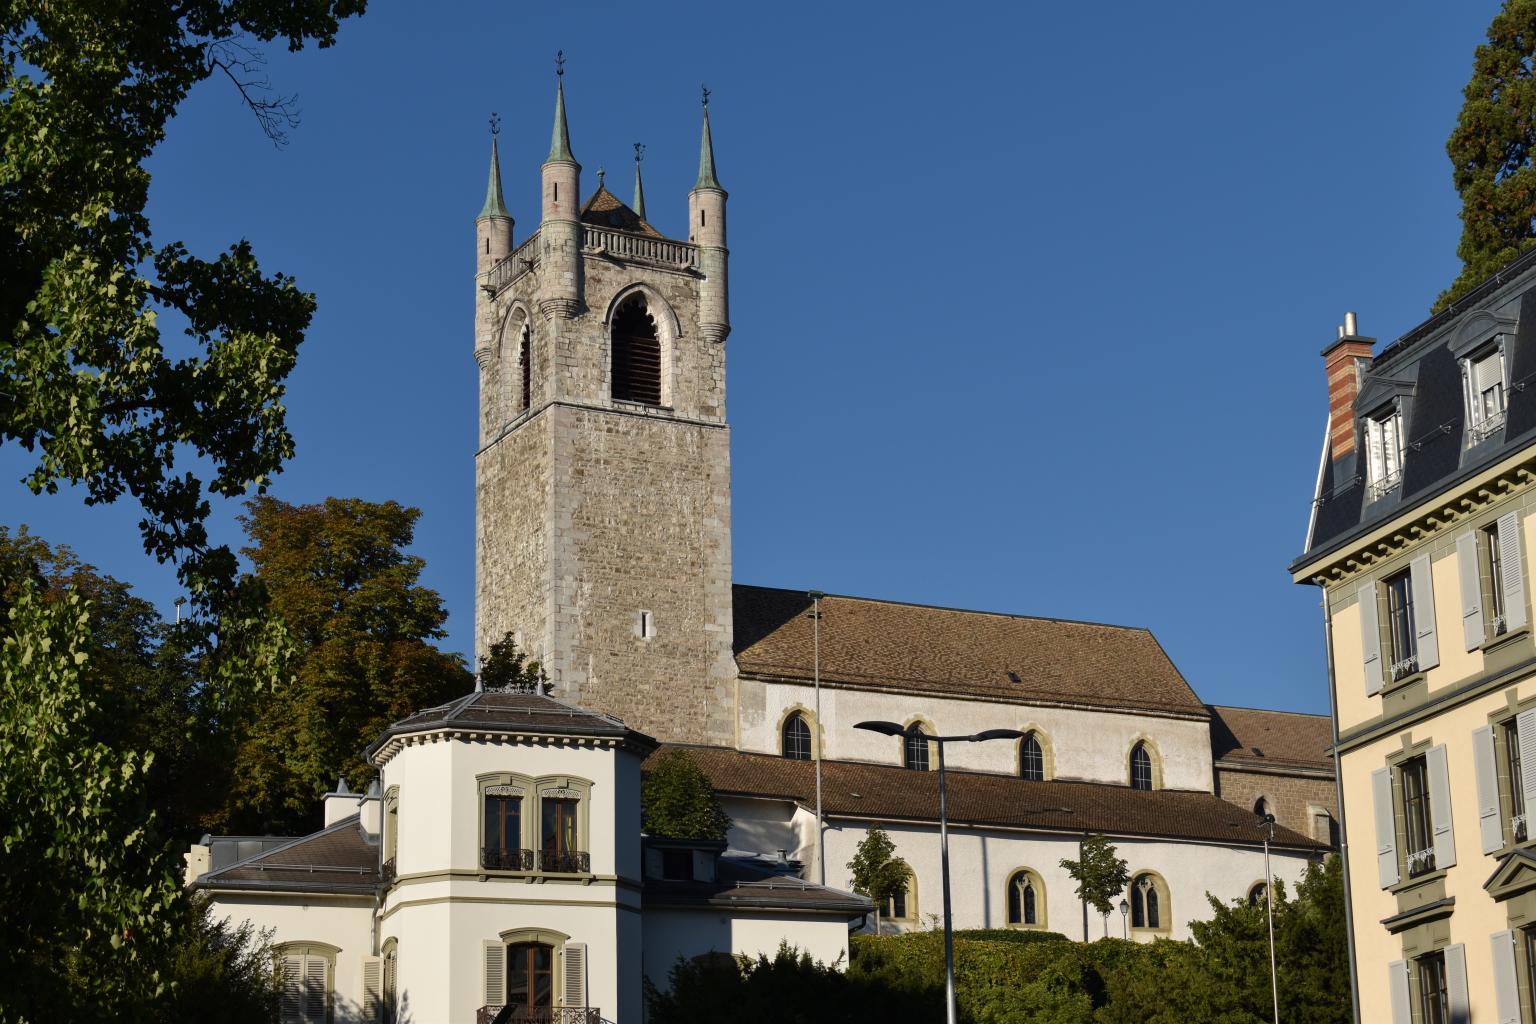 L'Eglise réformée Saint-Martin de Vevey